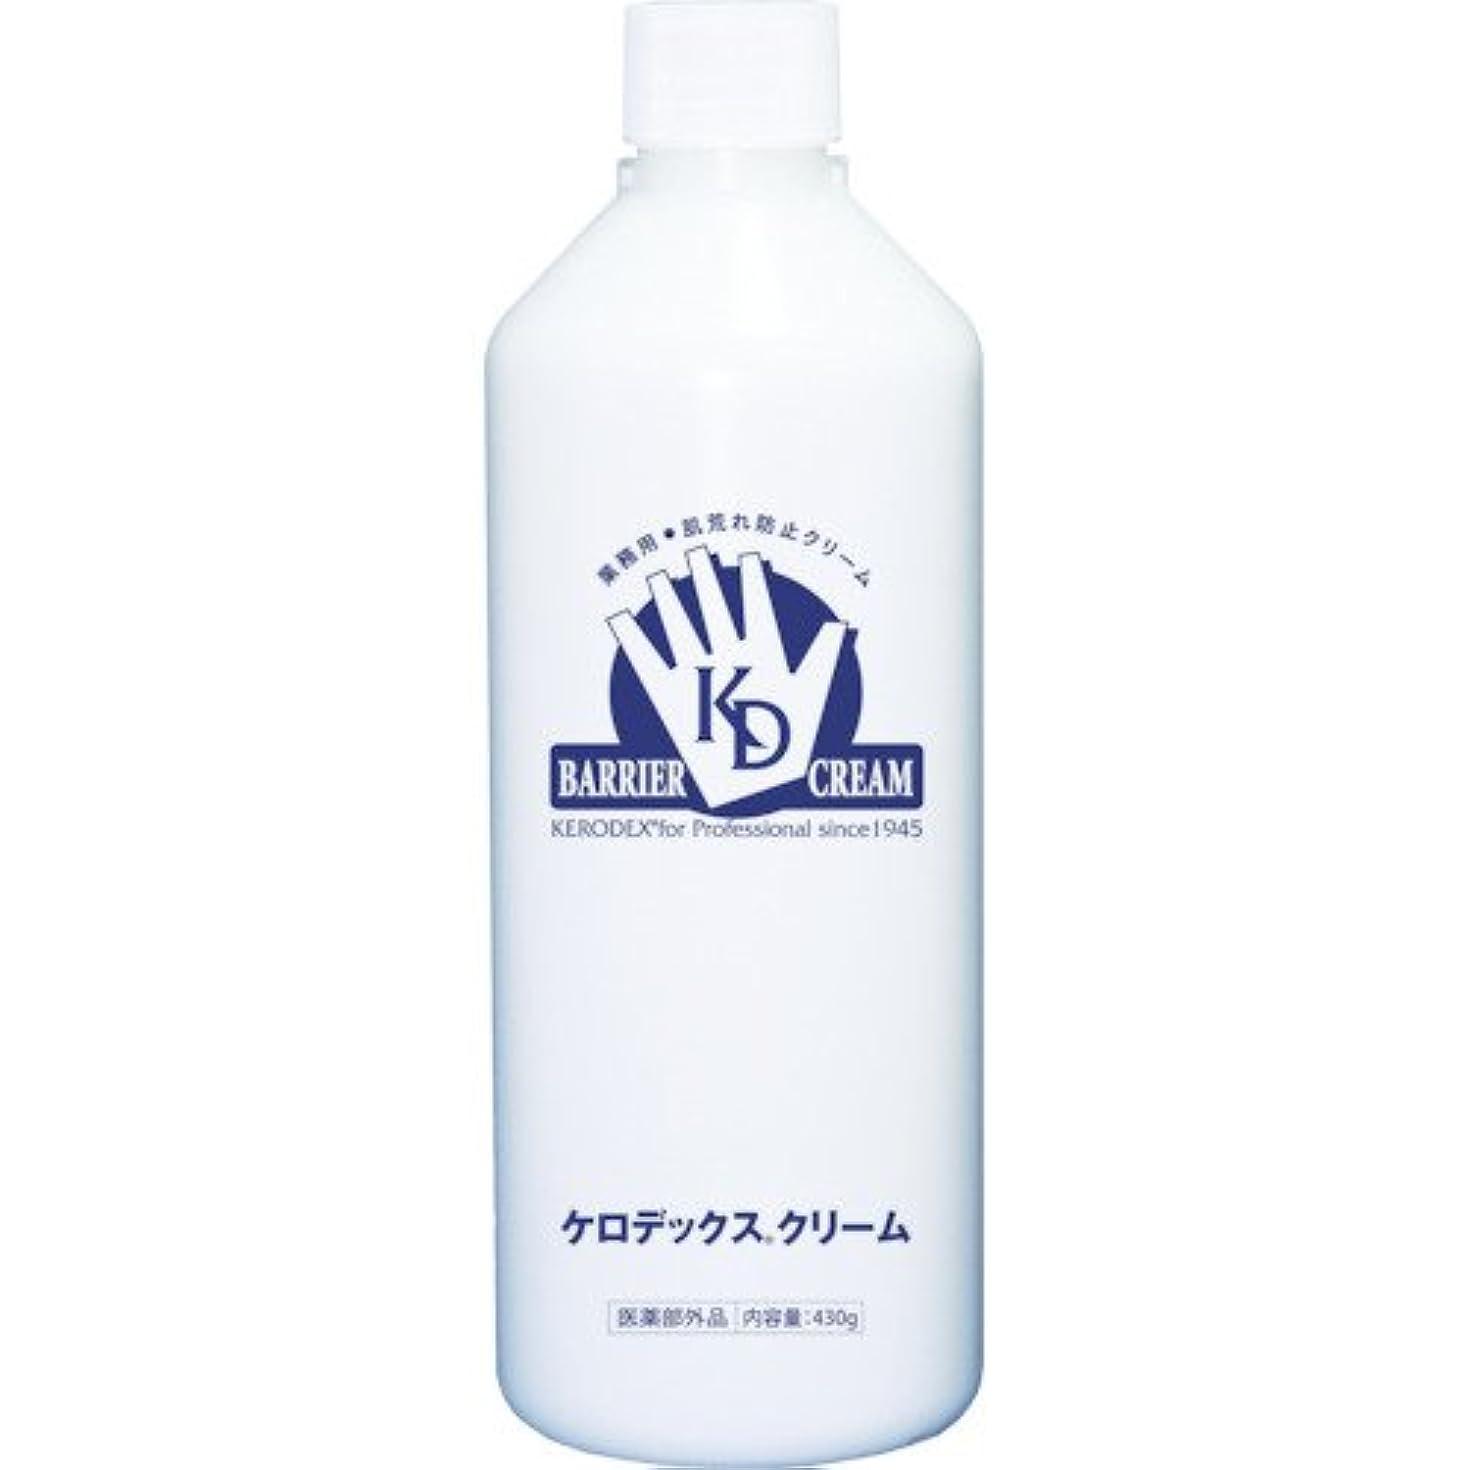 耐久大陸リズムケロデックスクリーム ボトルタイプ 詰替用 430g